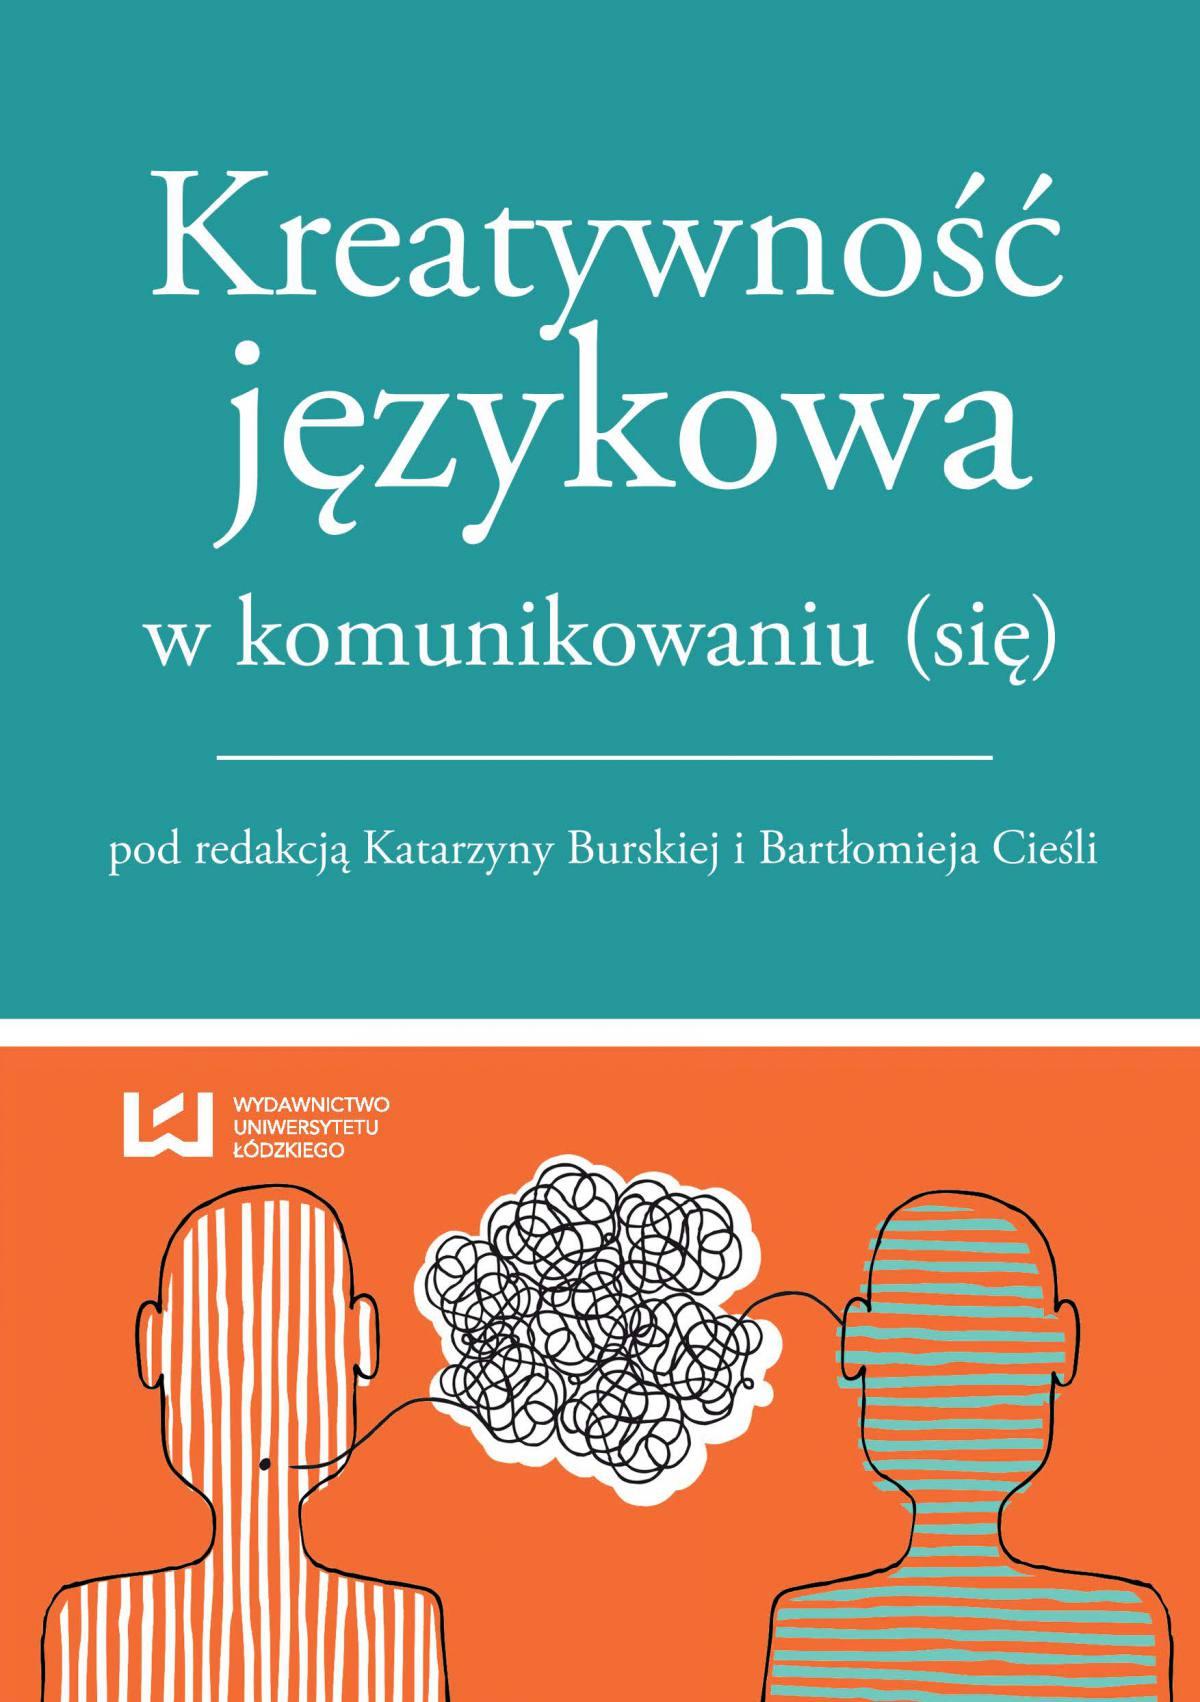 Kreatywność językowa w komunikowaniu (się) - Ebook (Książka PDF) do pobrania w formacie PDF